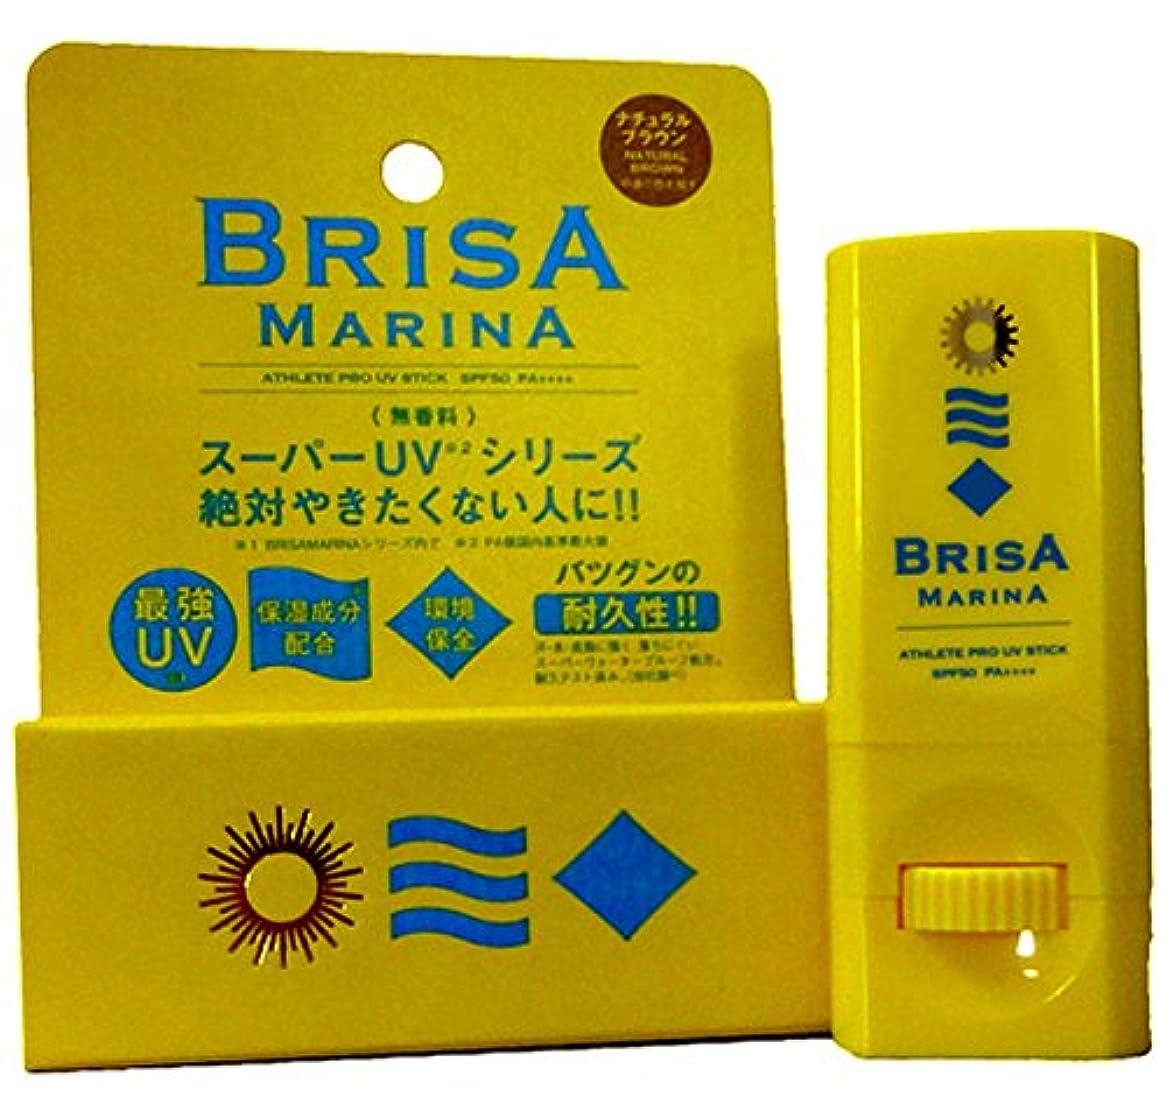 哲学的準備猫背BRISA MARINA(ブリサマリーナ) ATHLETE PRO UV STICK 10g 日焼け止め スティック (01-WHITE)